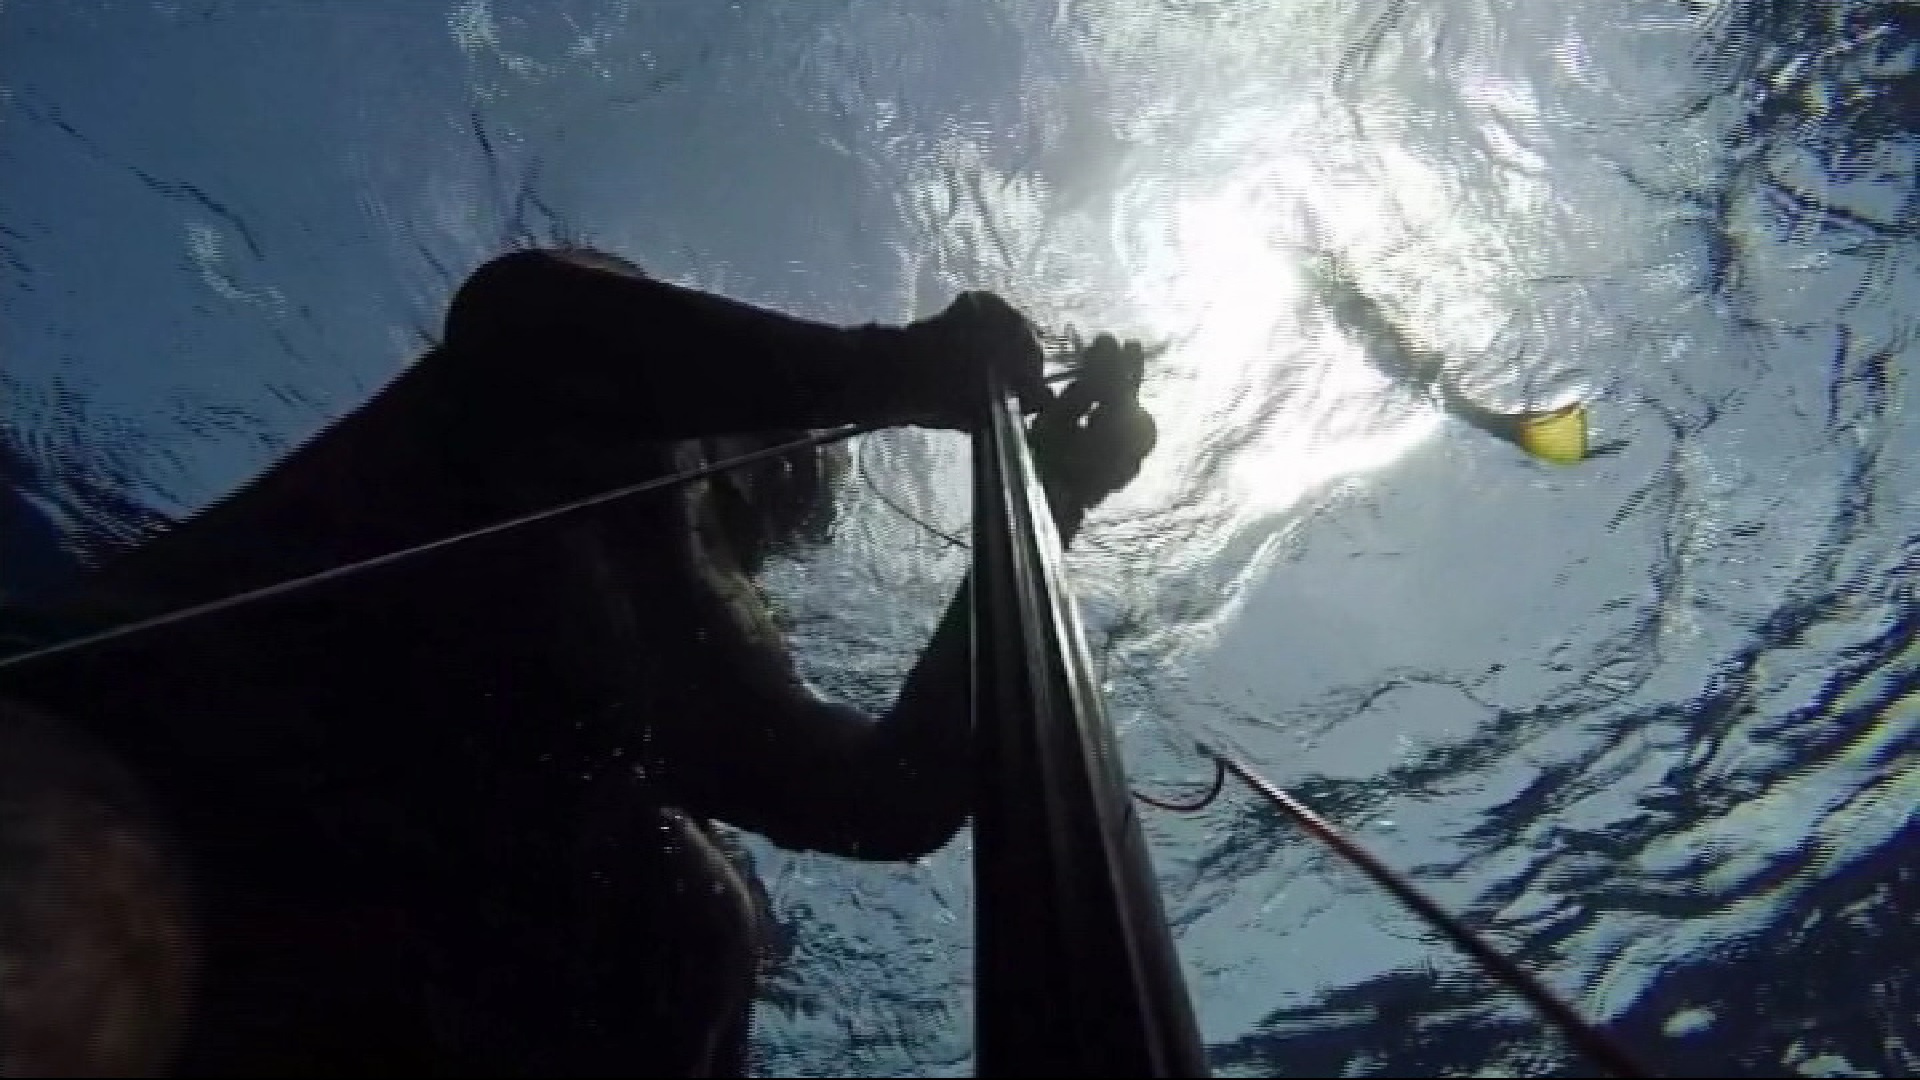 La+pesca+submarina+vol+poder+exercir+per+ajudar